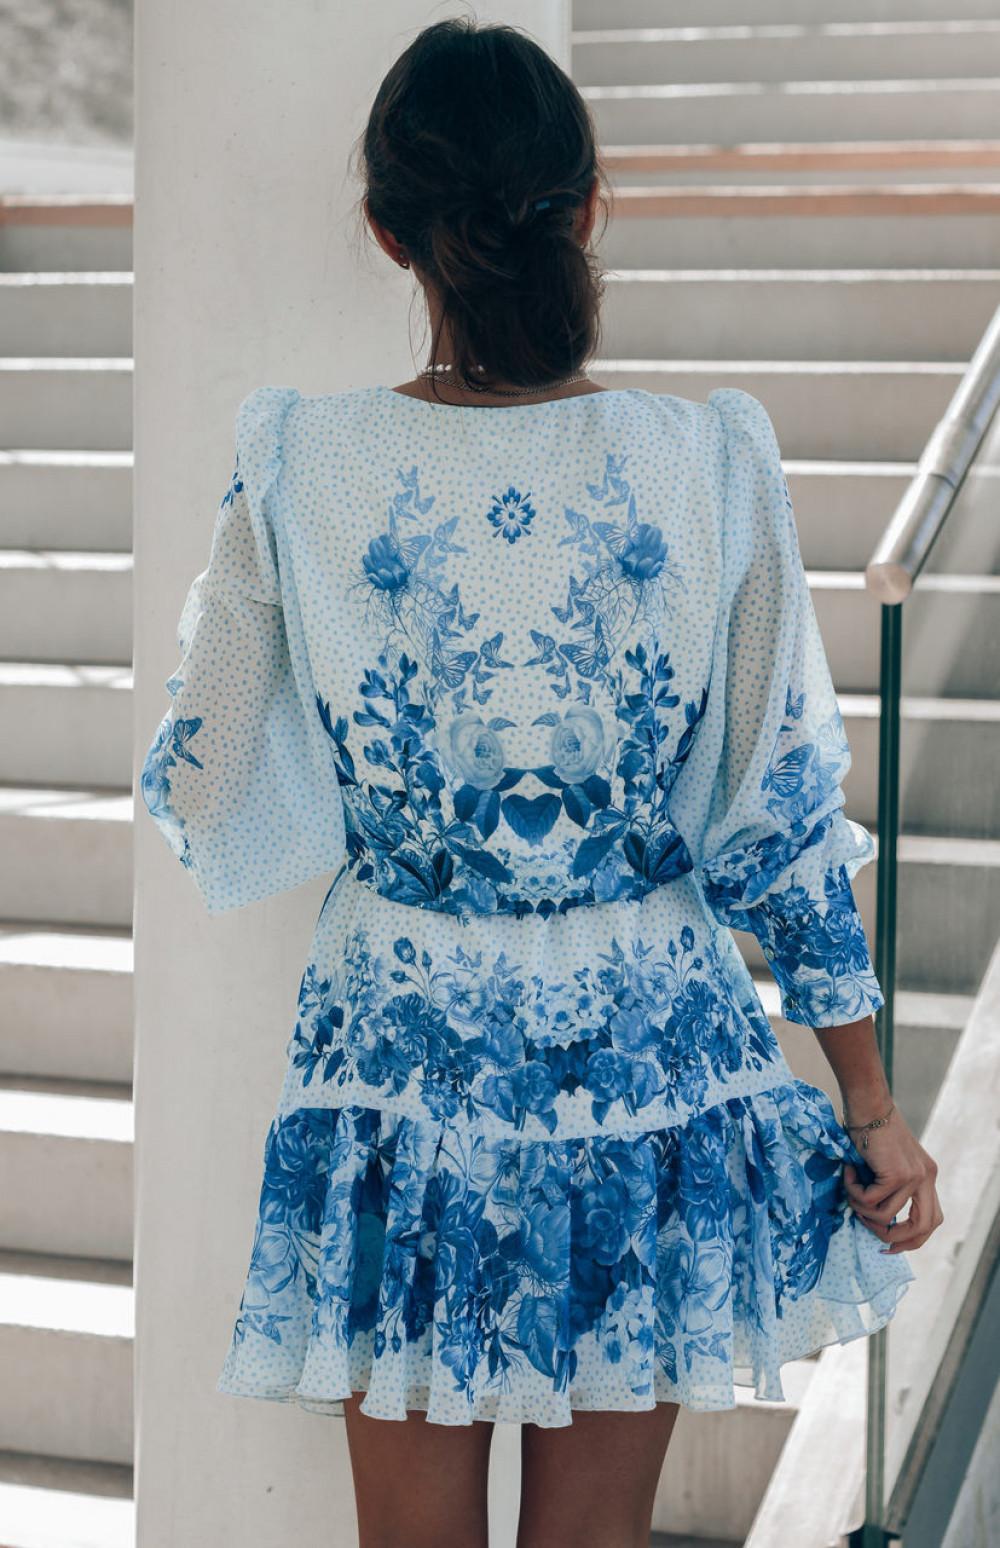 Biało-niebieska sukienka szyfonowa w kwiaty Flores 5